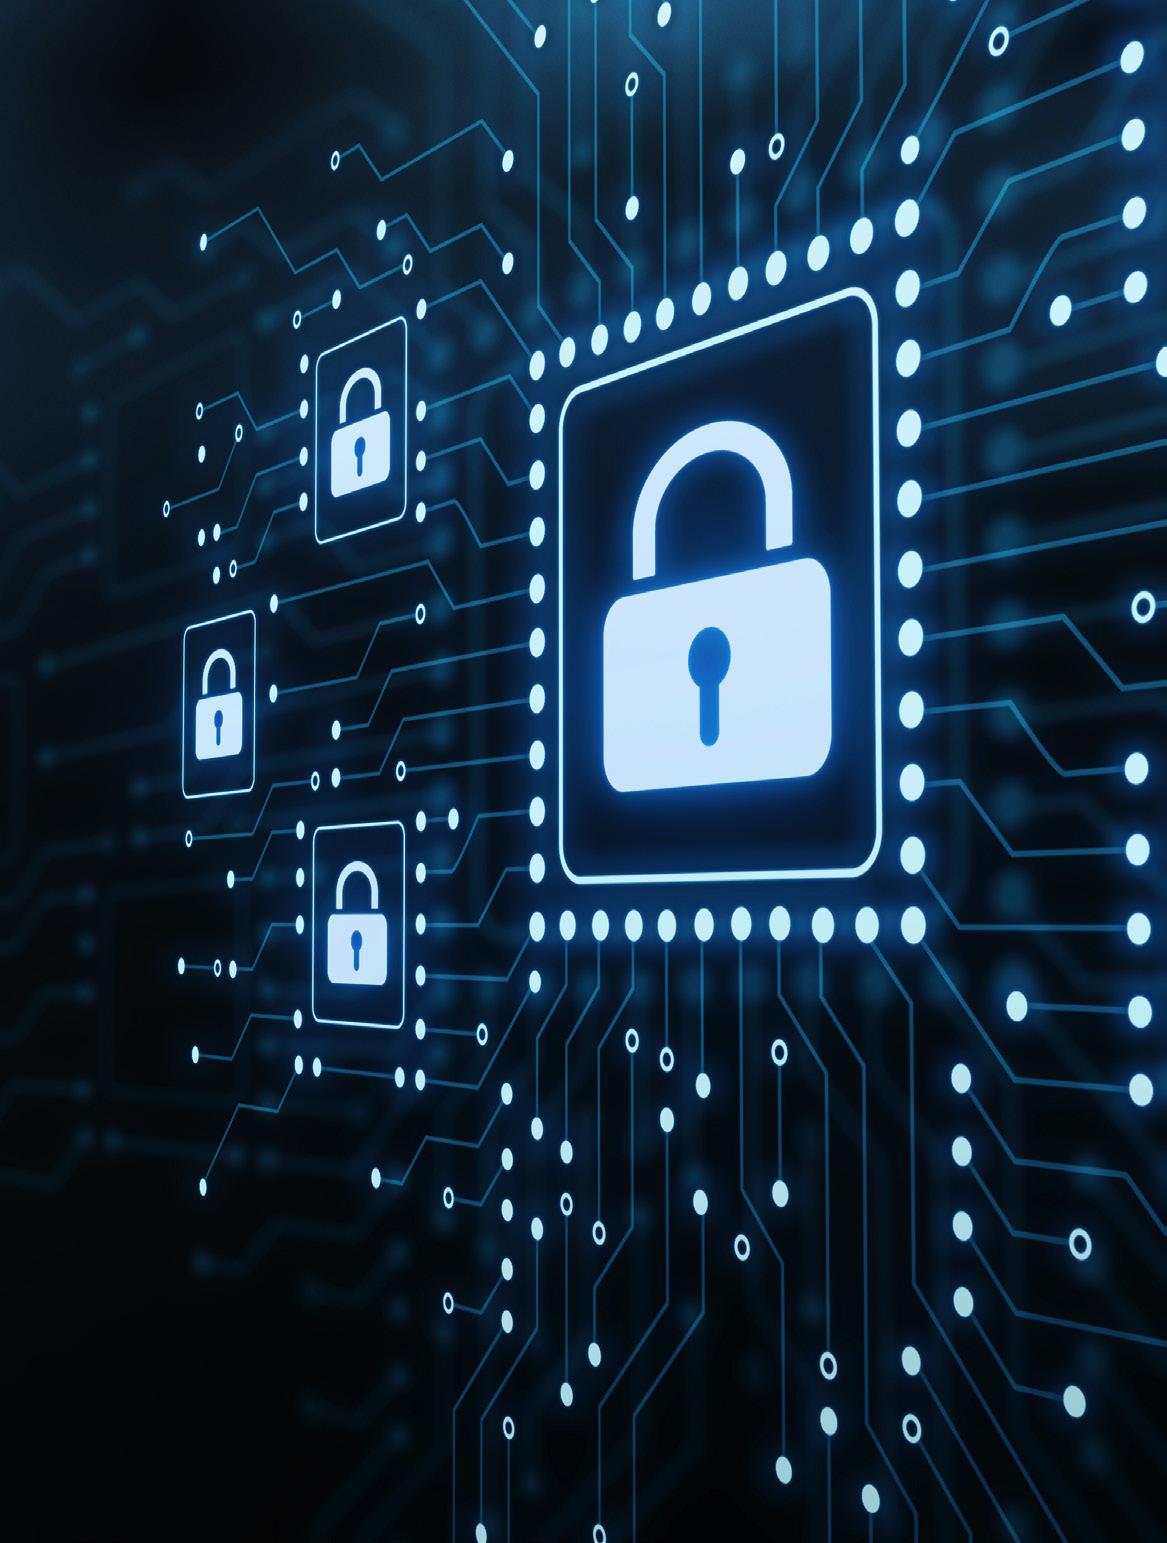 NU-CyberSecurityWhitePaper-3-1